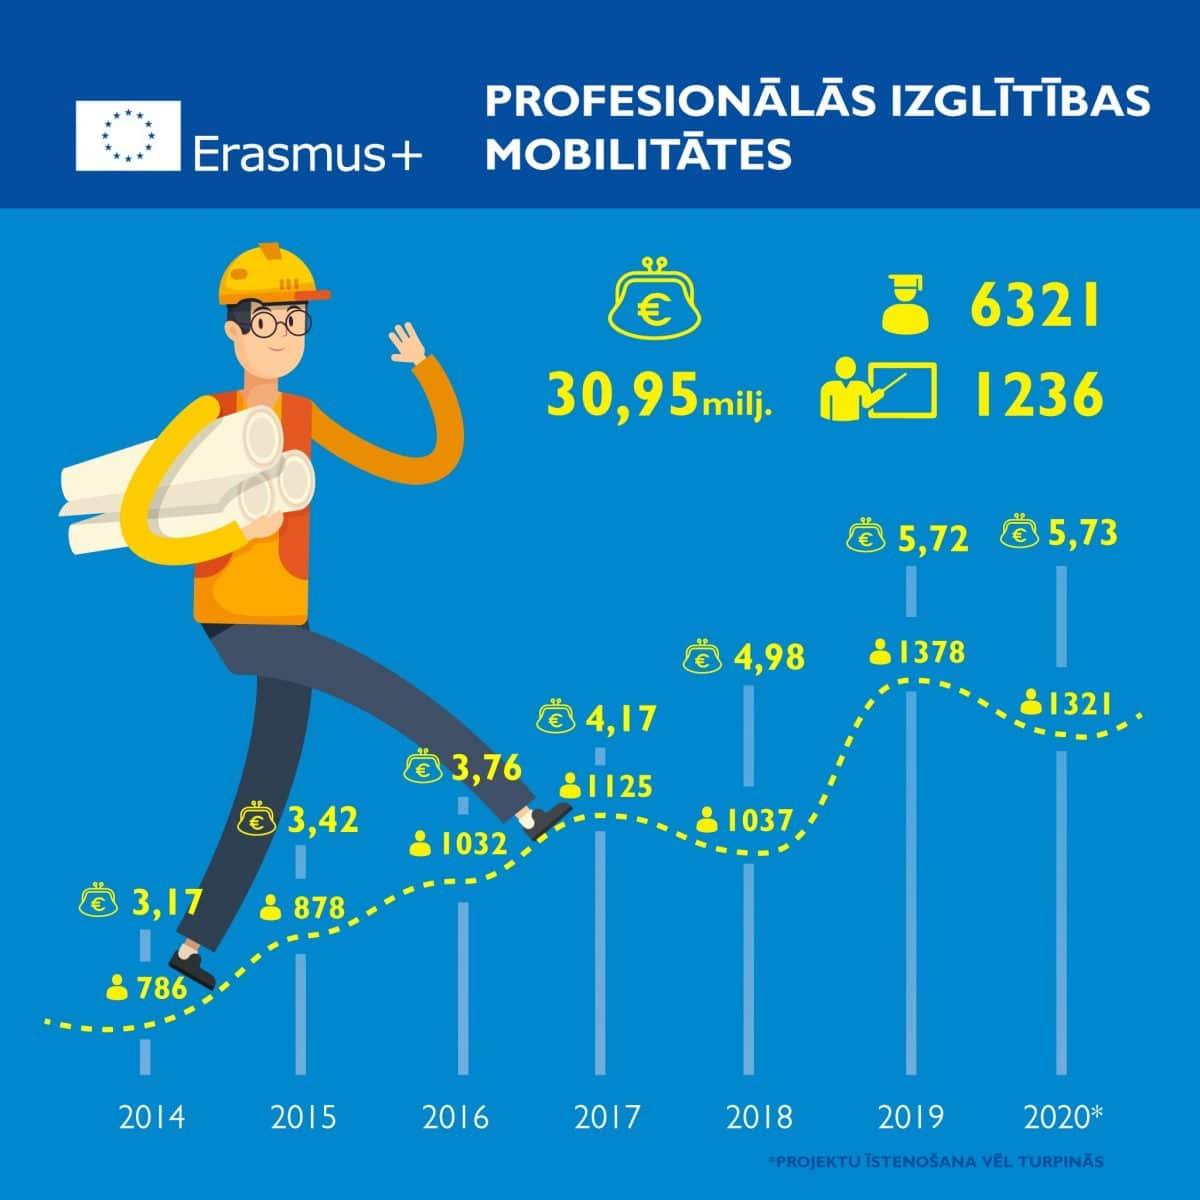 Erasmus_profesionala-izglitiba_1_jauns